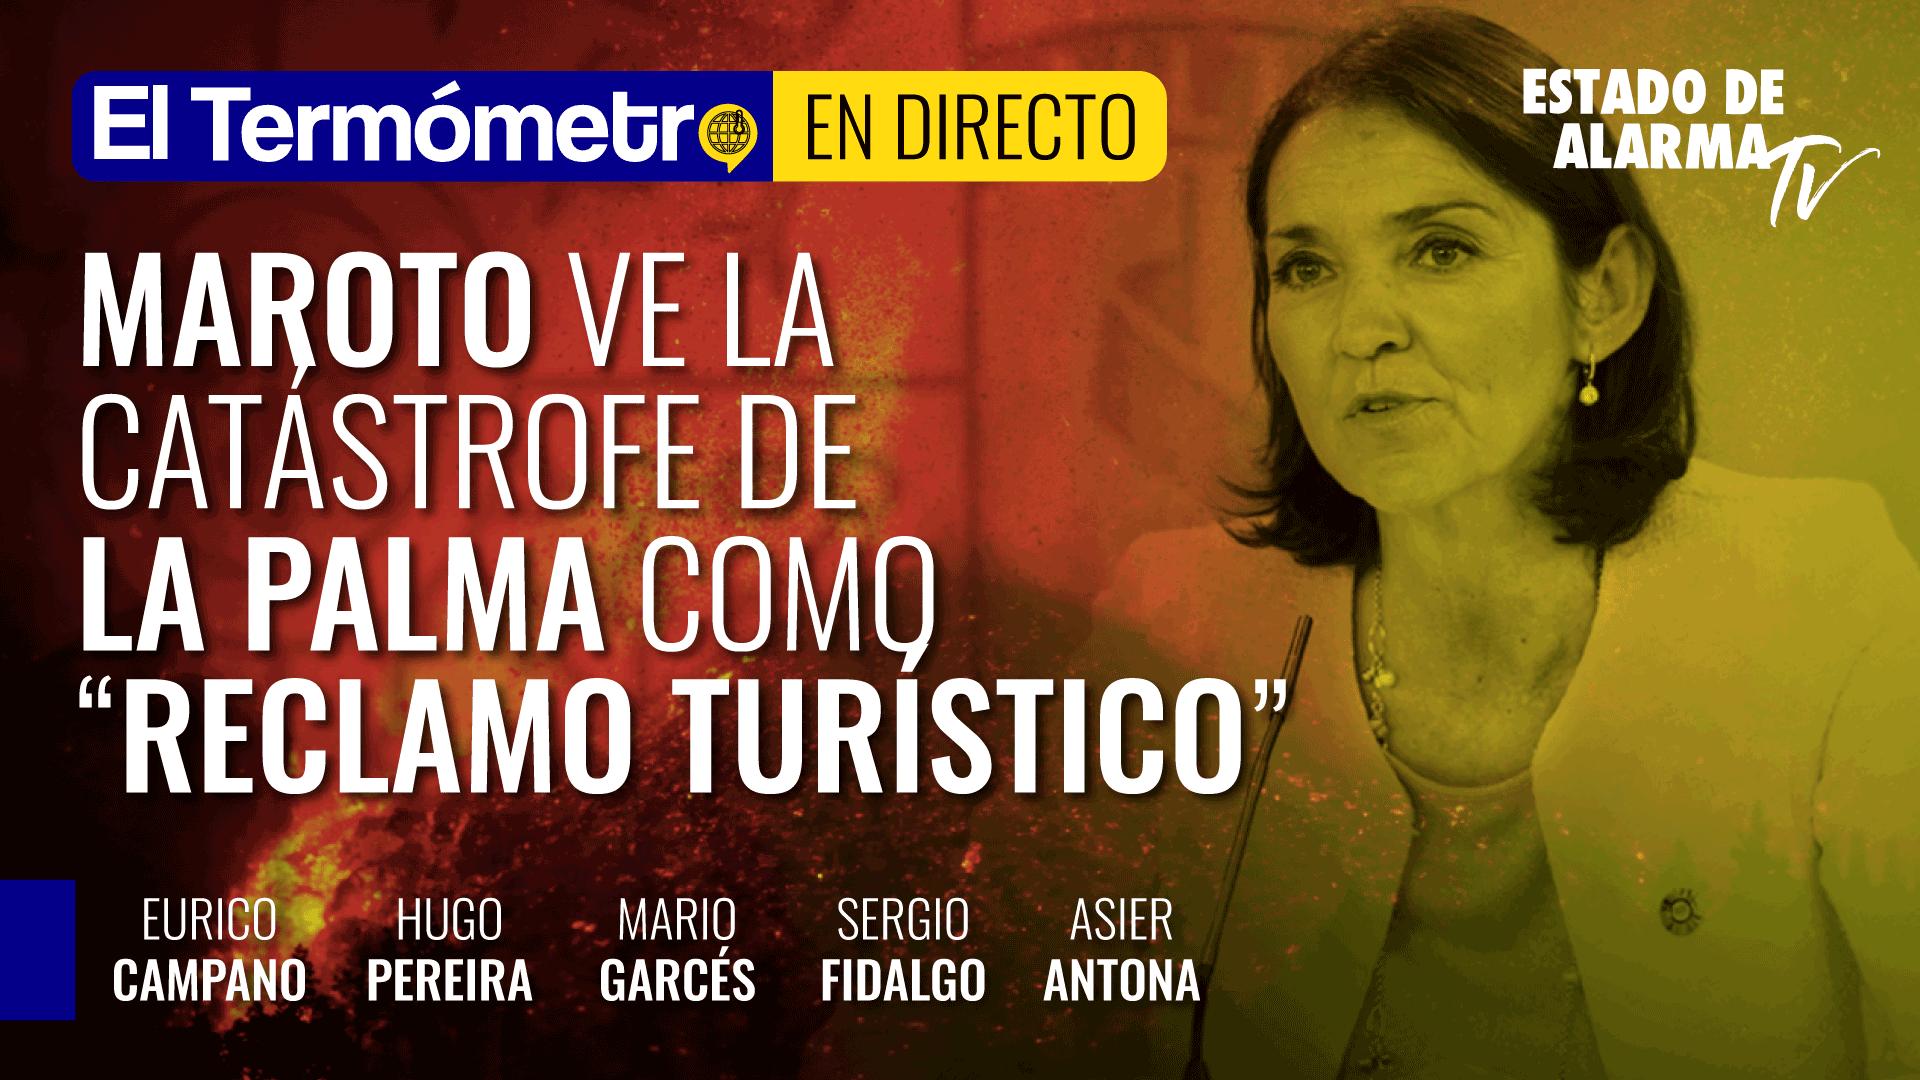 Imagen del video: Maroto ve la catástrofe de La Palma como 'reclamo turístico'